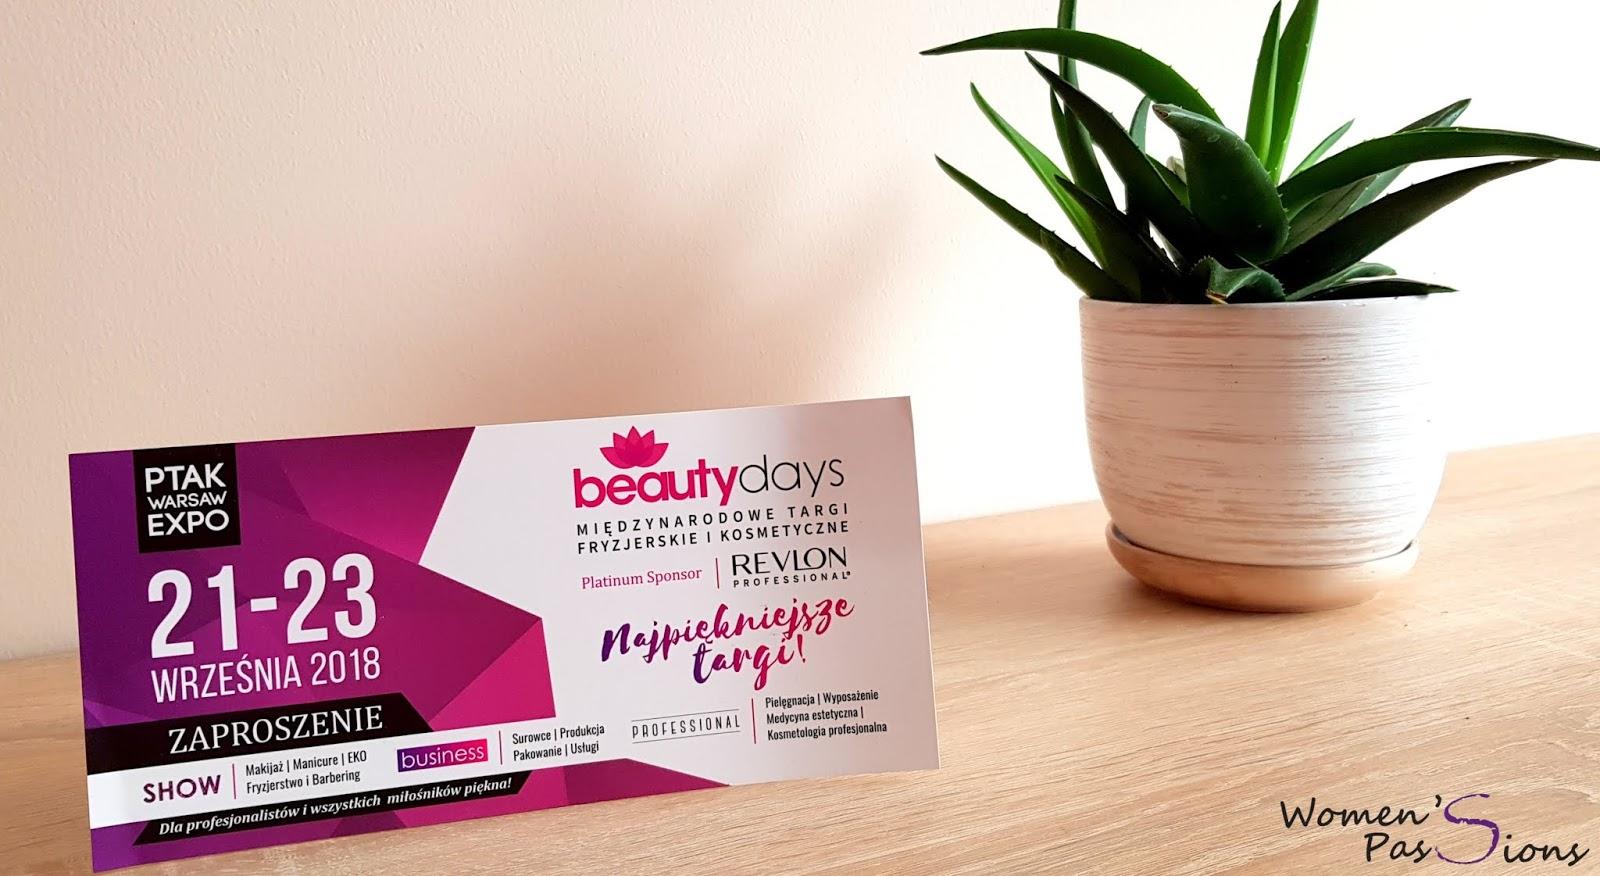 Beauty Days Zaproszenie na Międzynarodowe Targi Fryzjerskie i Kosmetyczne